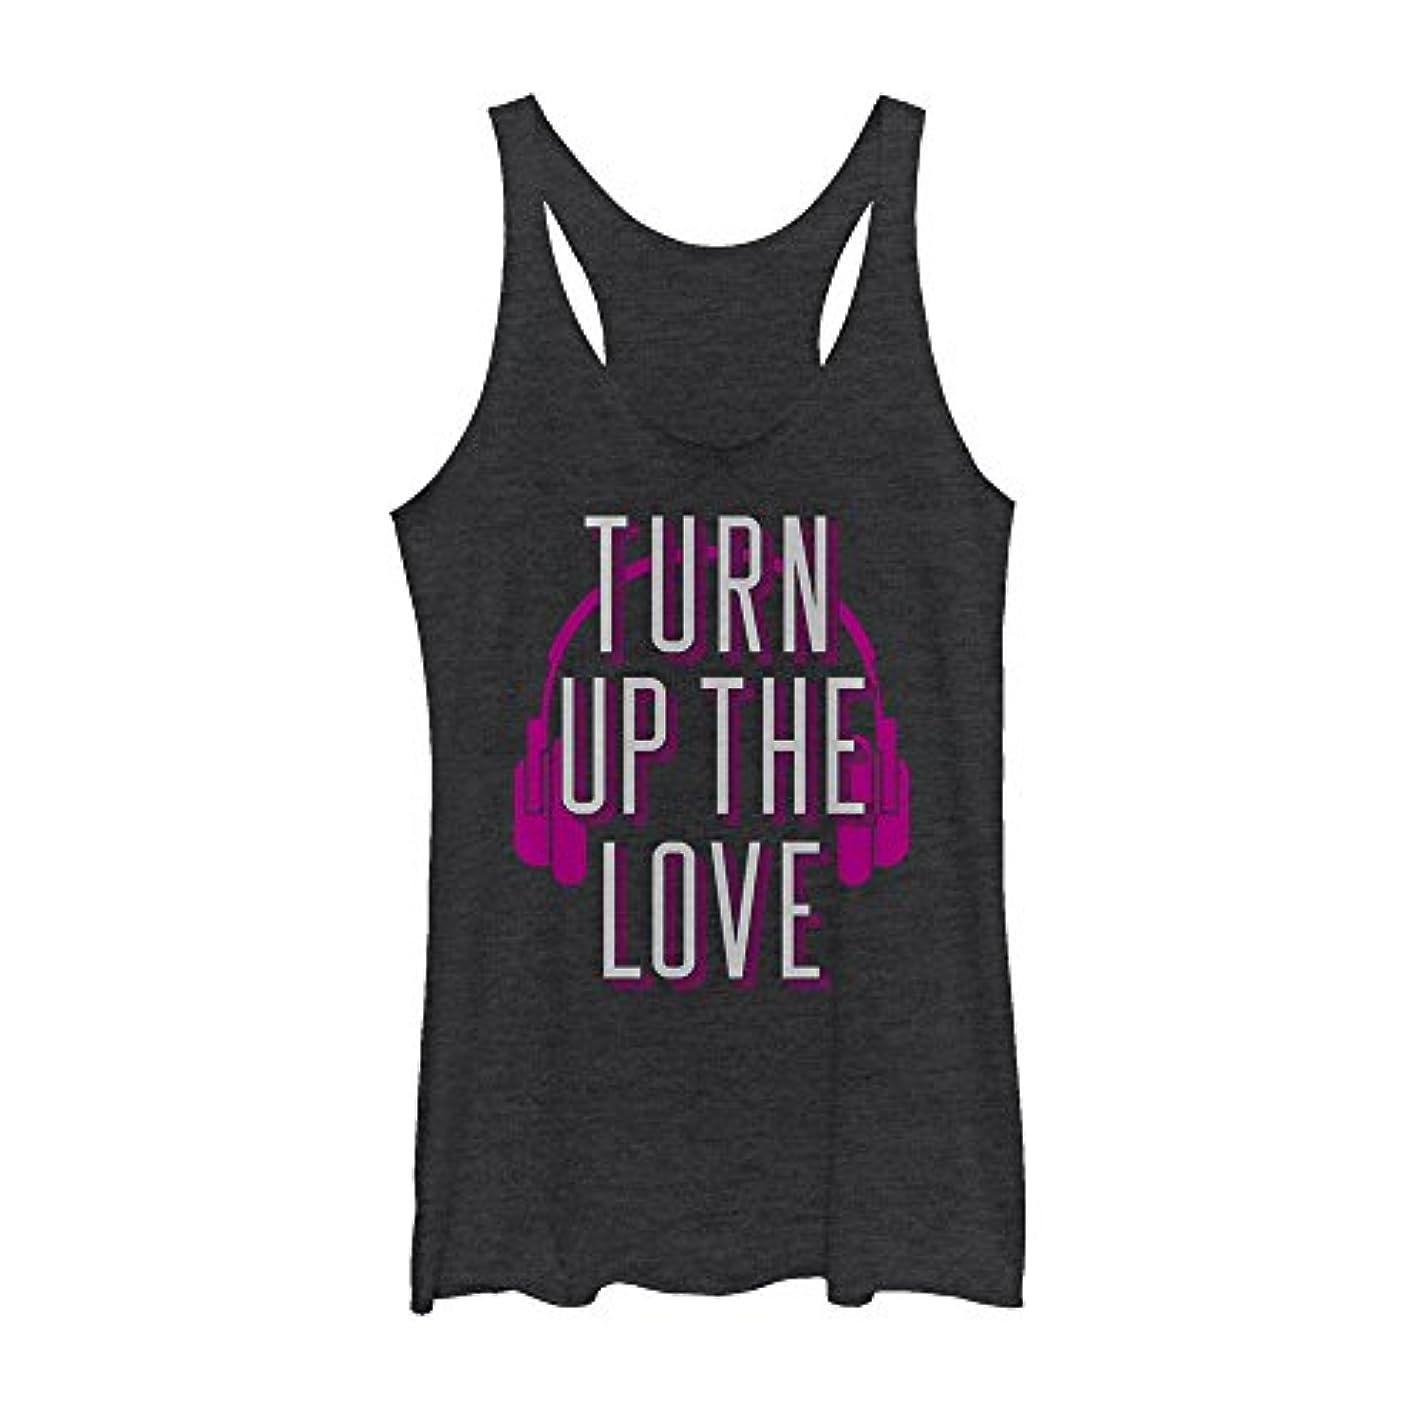 つかまえる贅沢放つChin Up Turn Up the Loveレディースグラフィックレーサーバックタンク